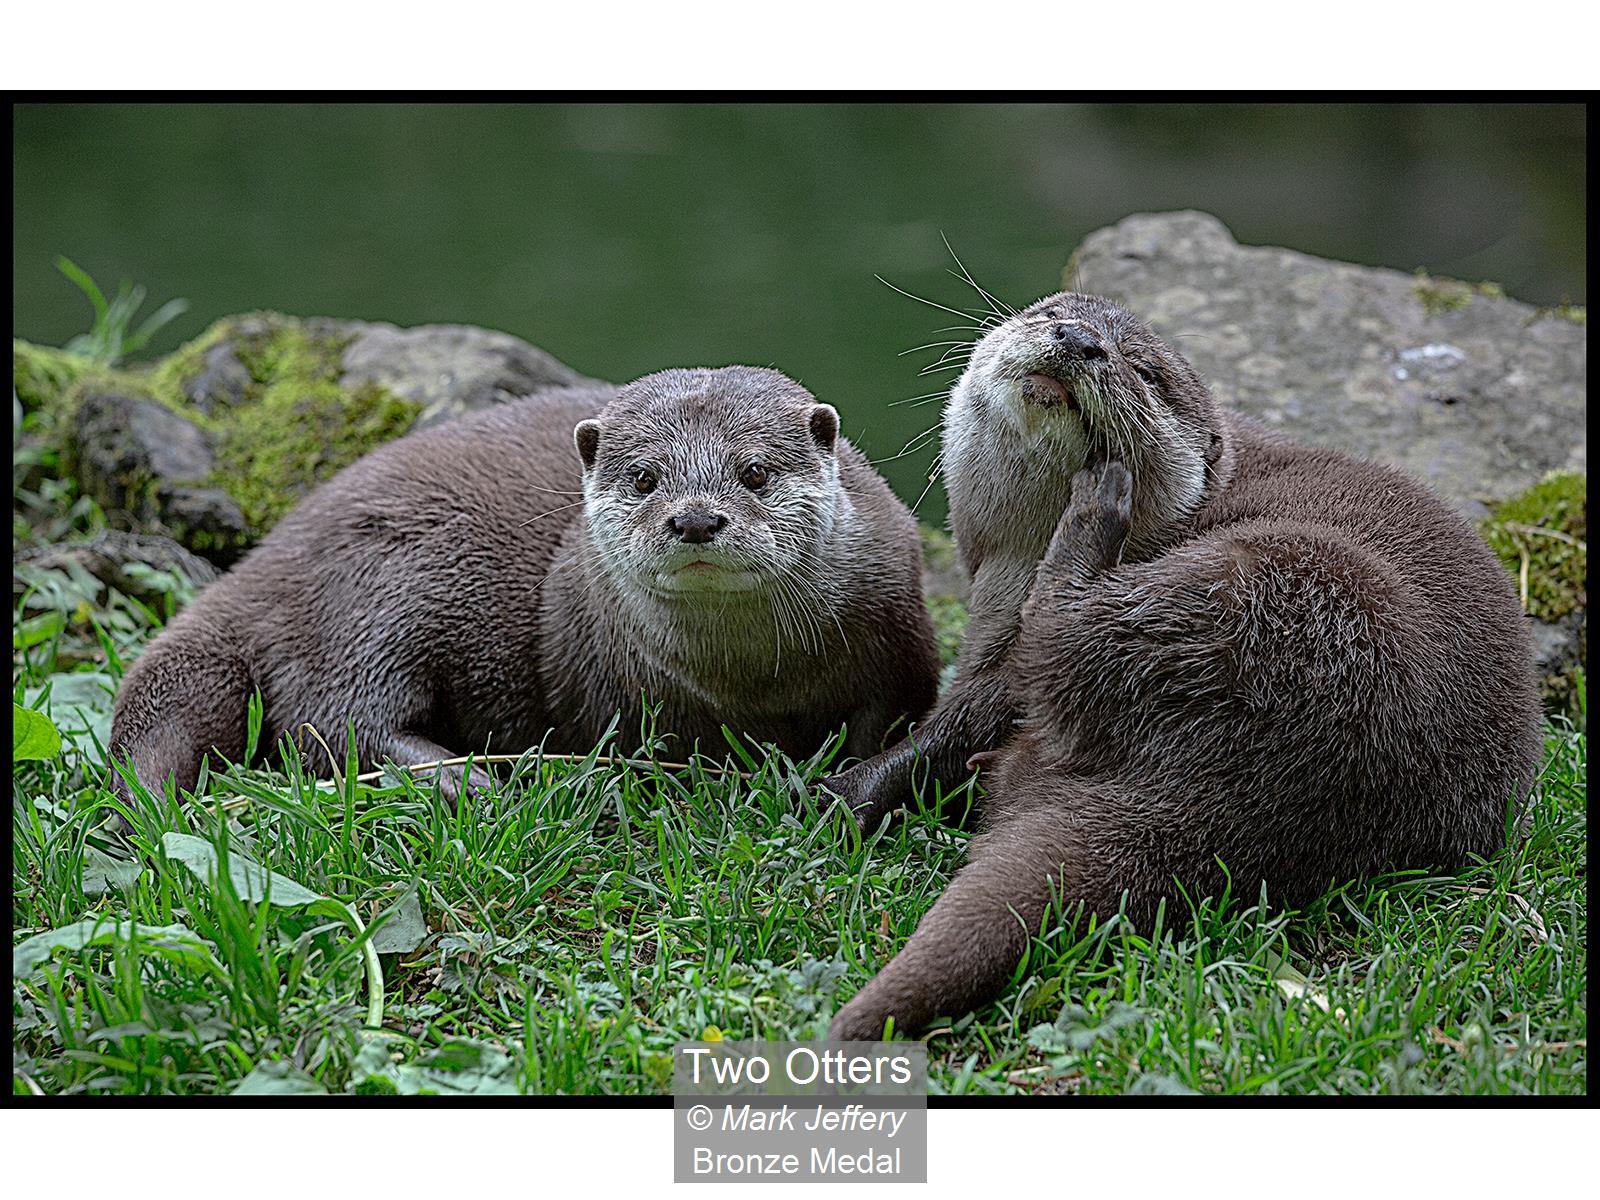 Two Otters_Mark Jeffery_Bronze